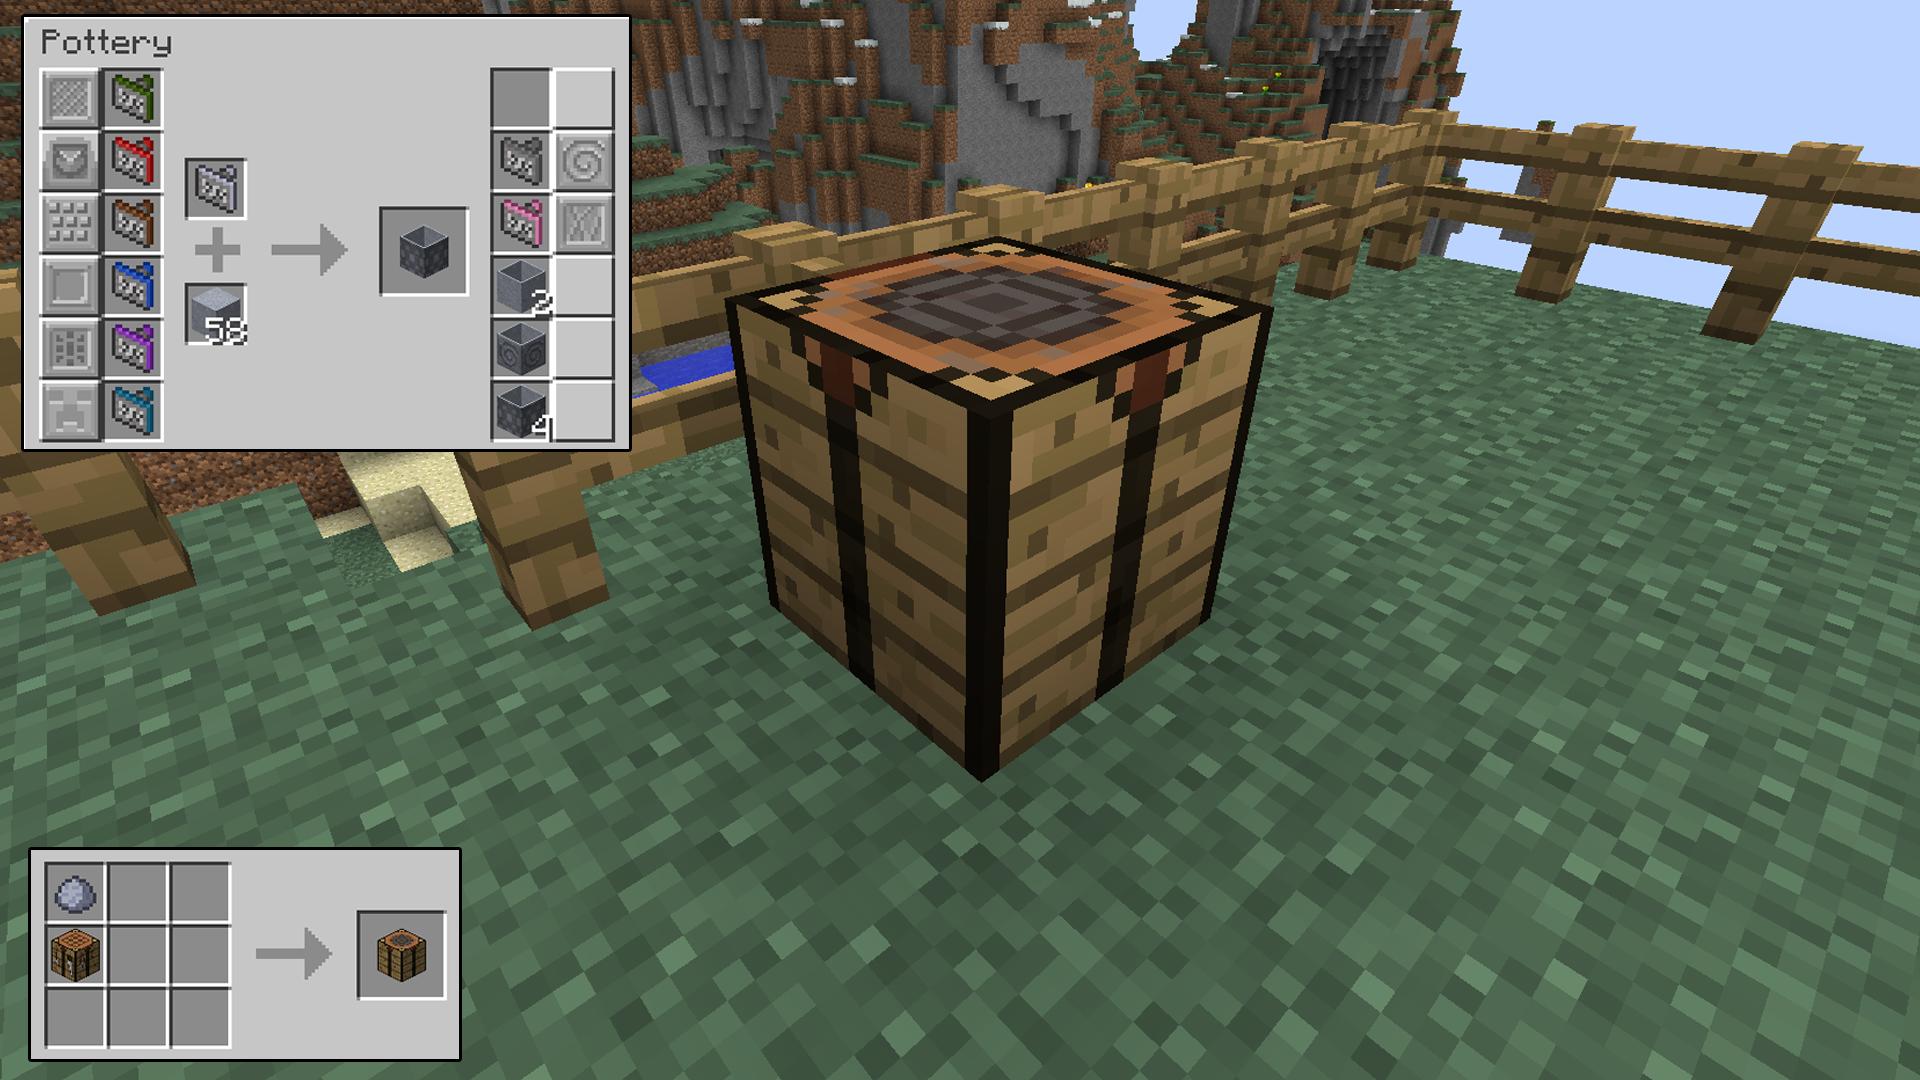 modular flower pots | minecraft mods